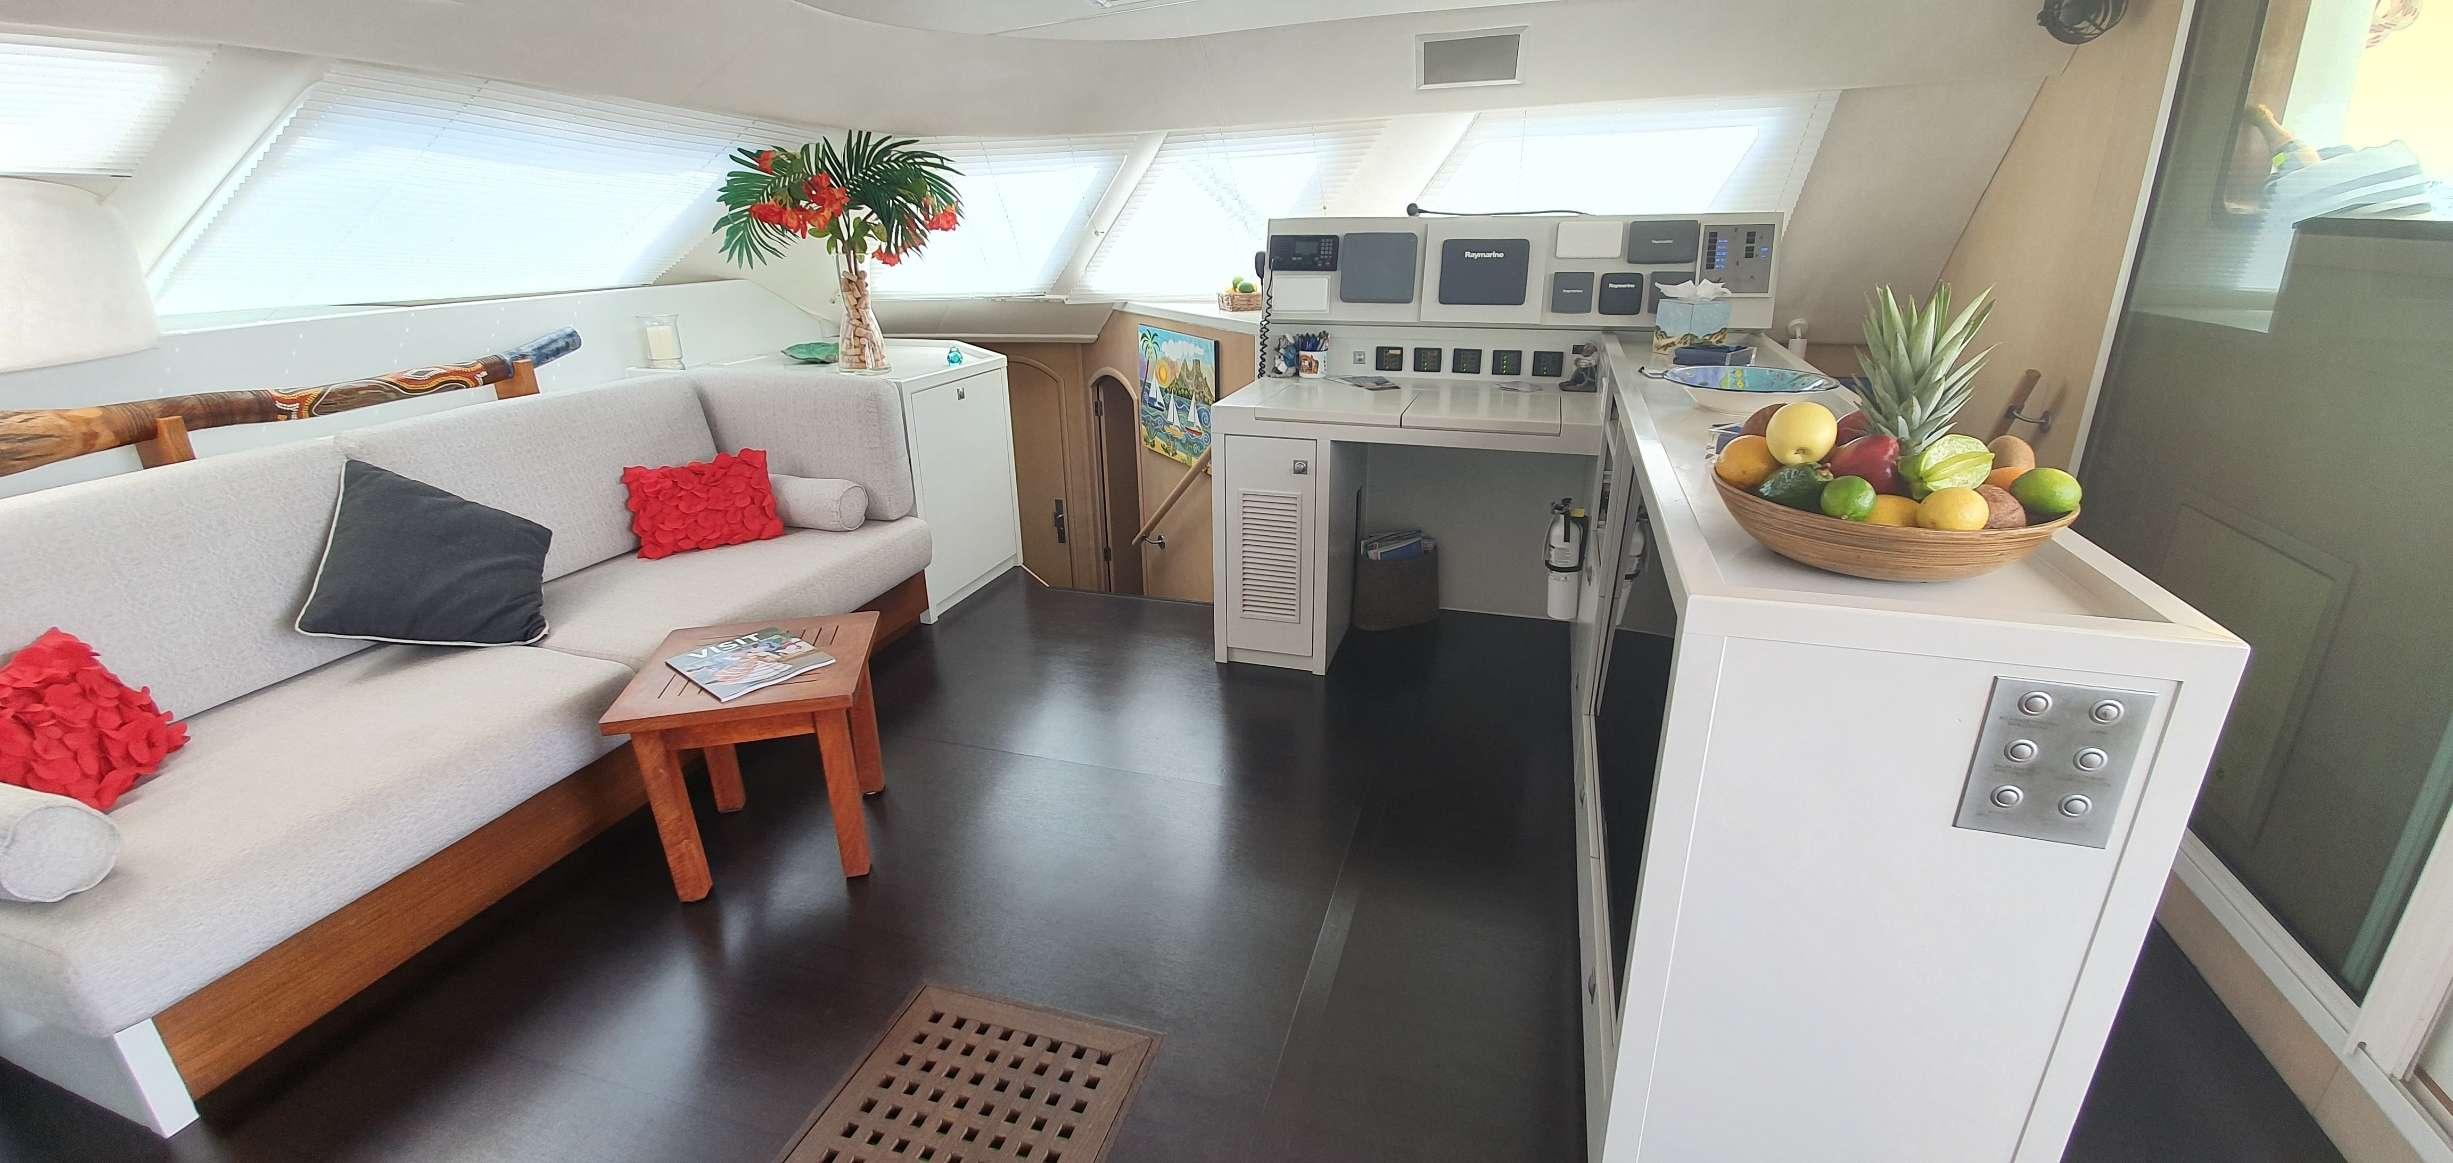 Cockpit lounge area